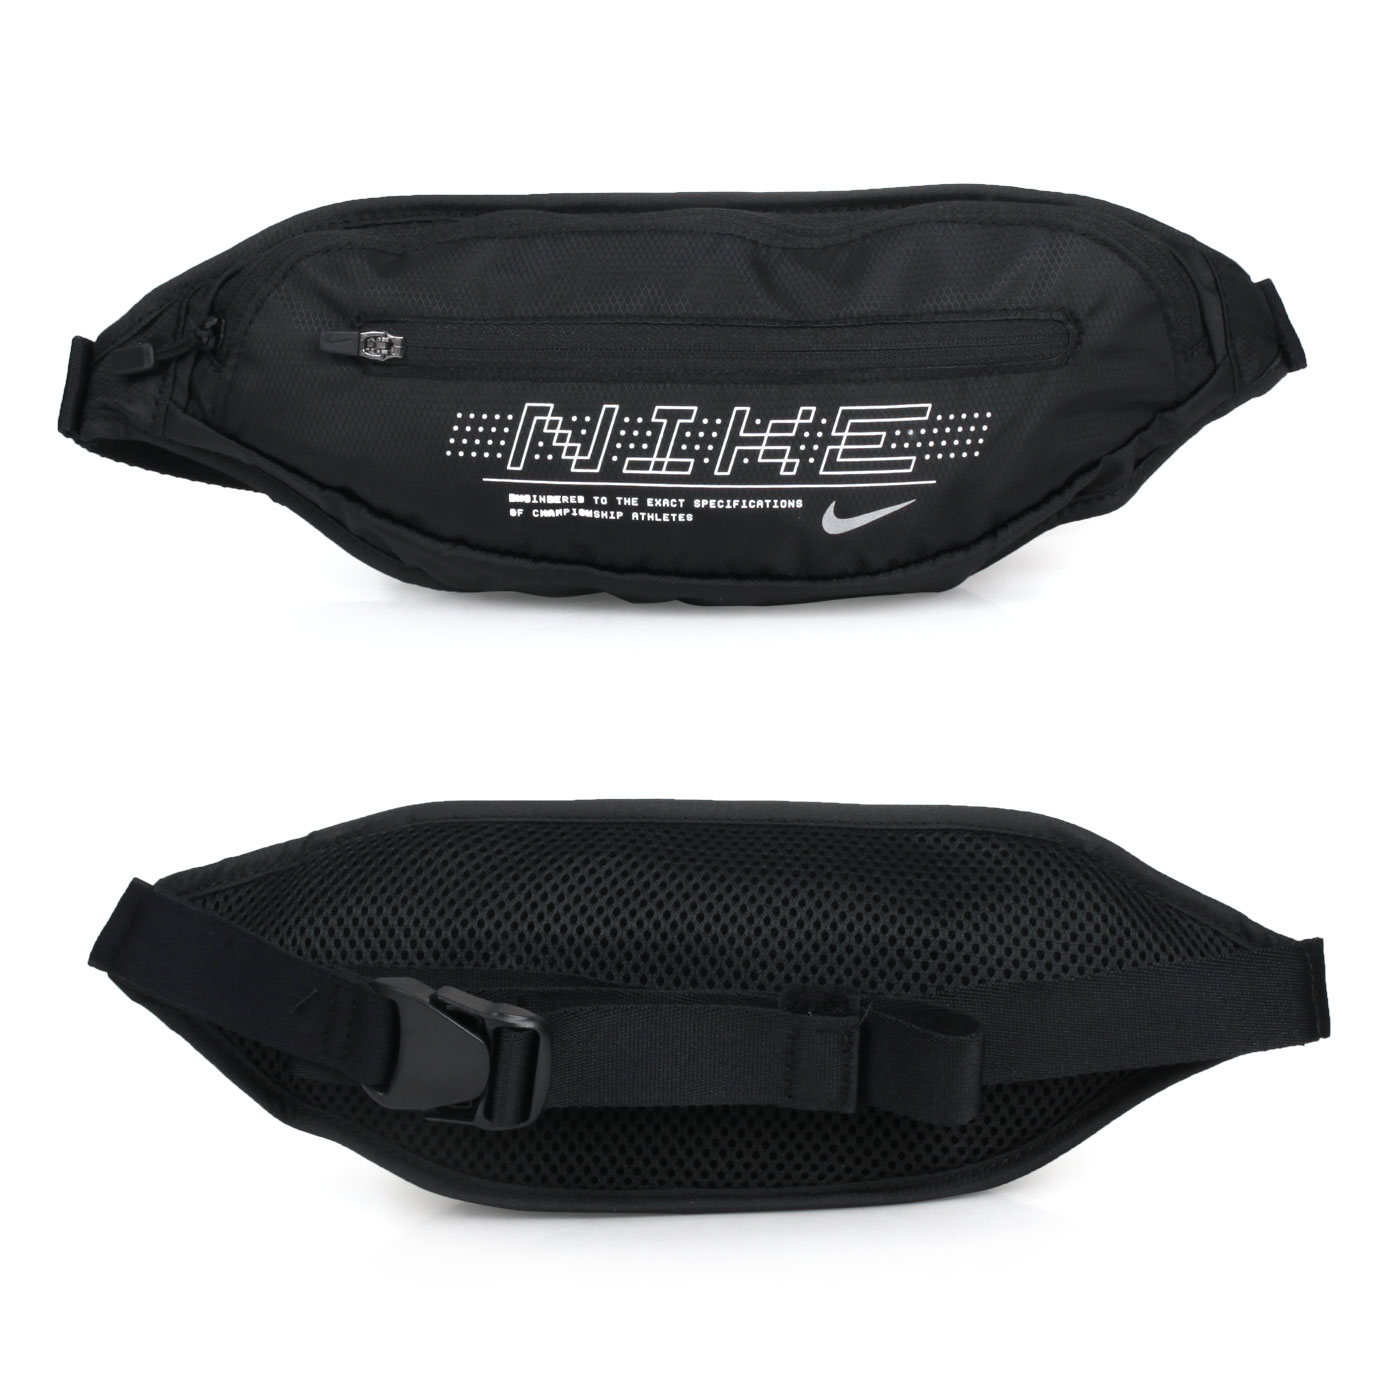 NIKE 印花腰包2.0 N1000825082OS - 黑白